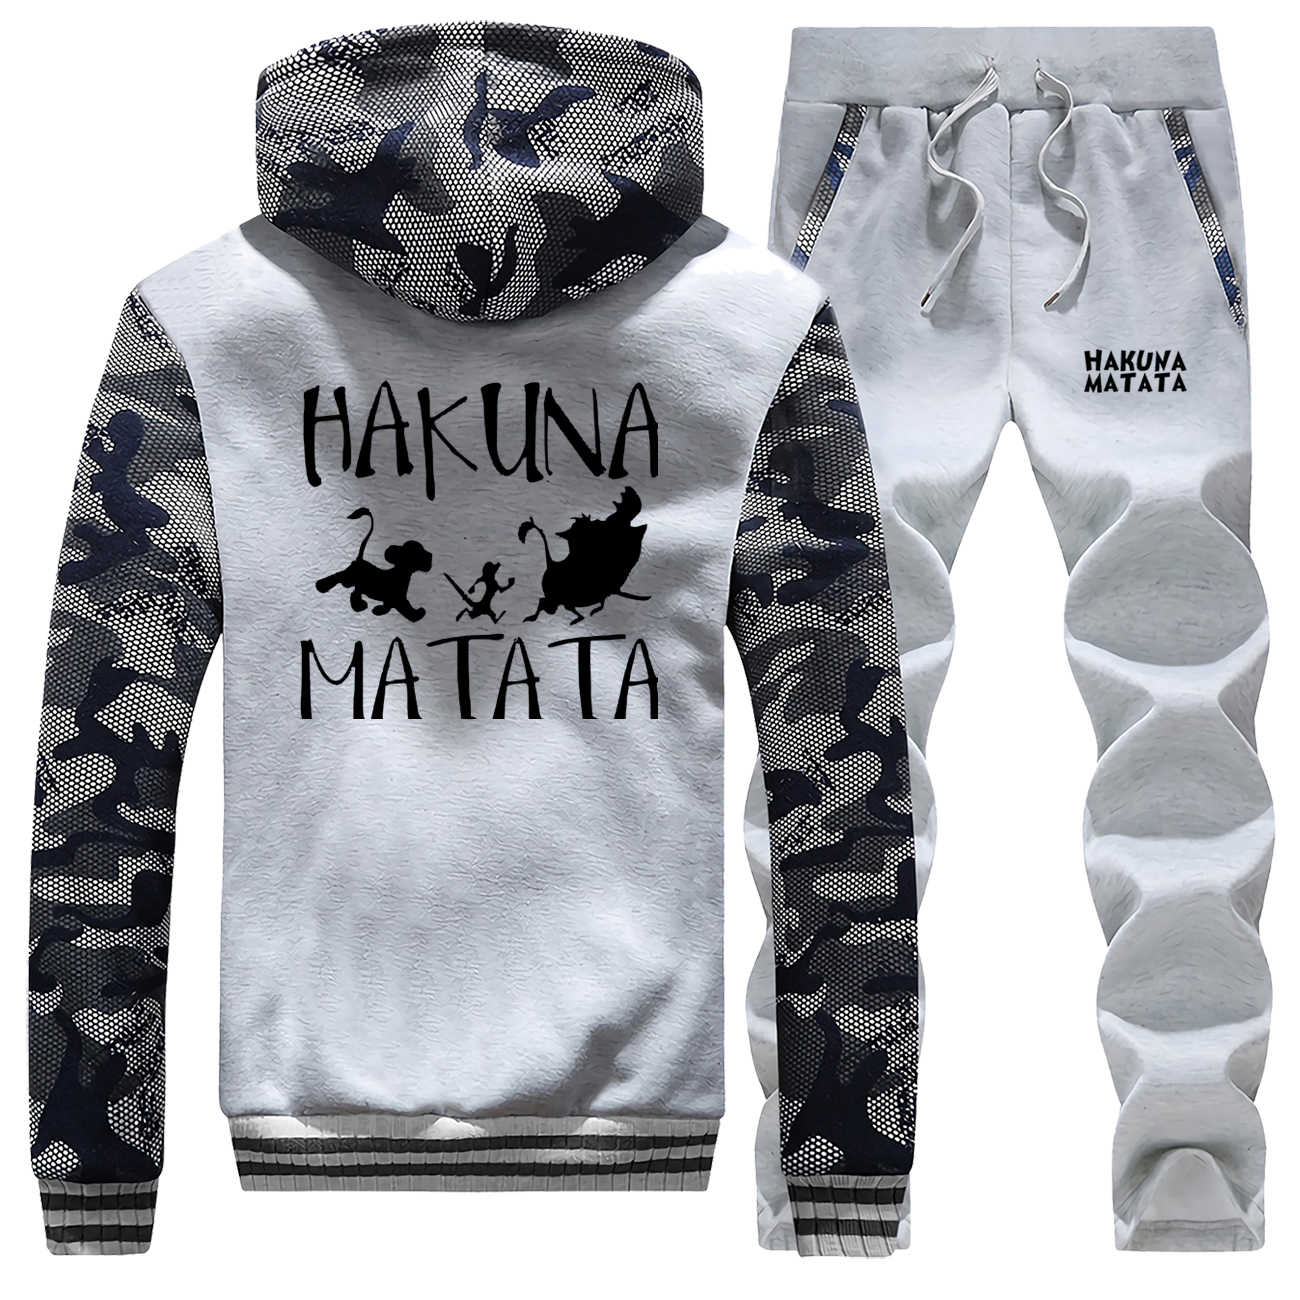 Hakuna matata terno completo dos homens agasalho o rei leão casual camo conjunto velo grosso com capuz jaquetas inverno bodywarmer streetwear